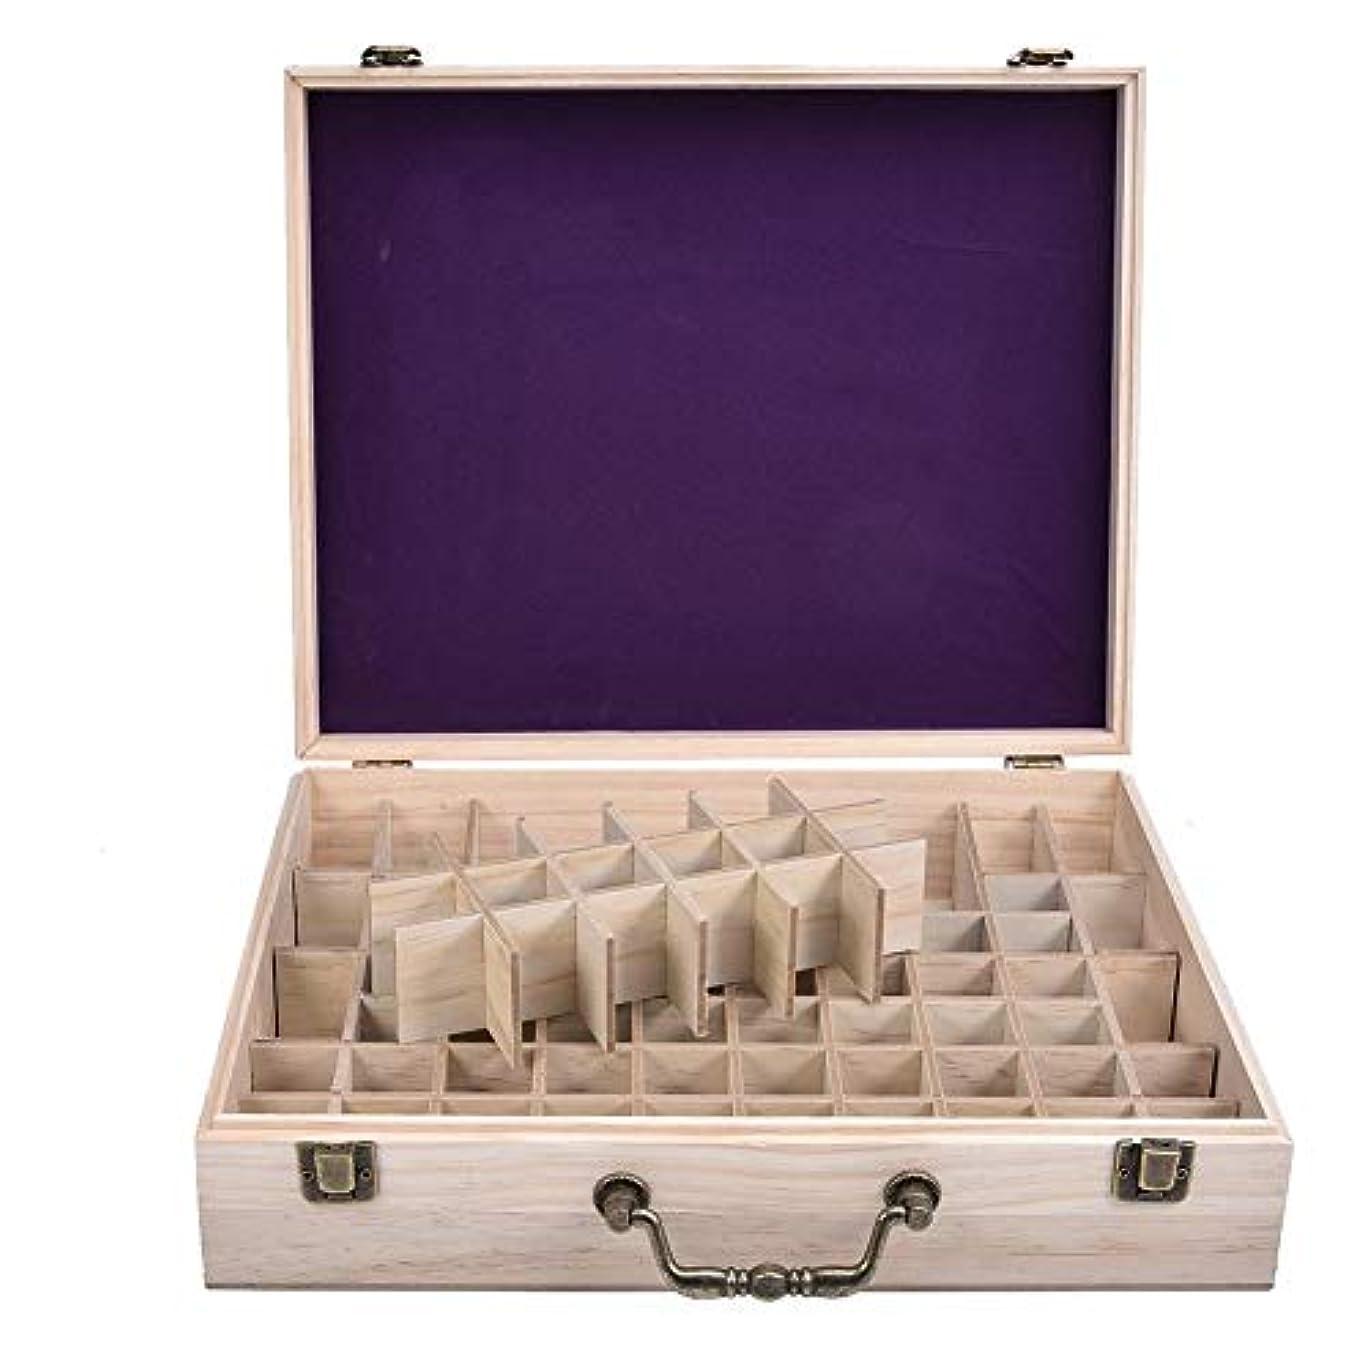 大脳生物学賢いエッセンシャルオイル収納ケース 精油収納ボックス 木製 72本収納可能 大容量 取り外し可能なグリッド 5ml?10ml?15ml?115mlの精油ボルトに対応 junexi